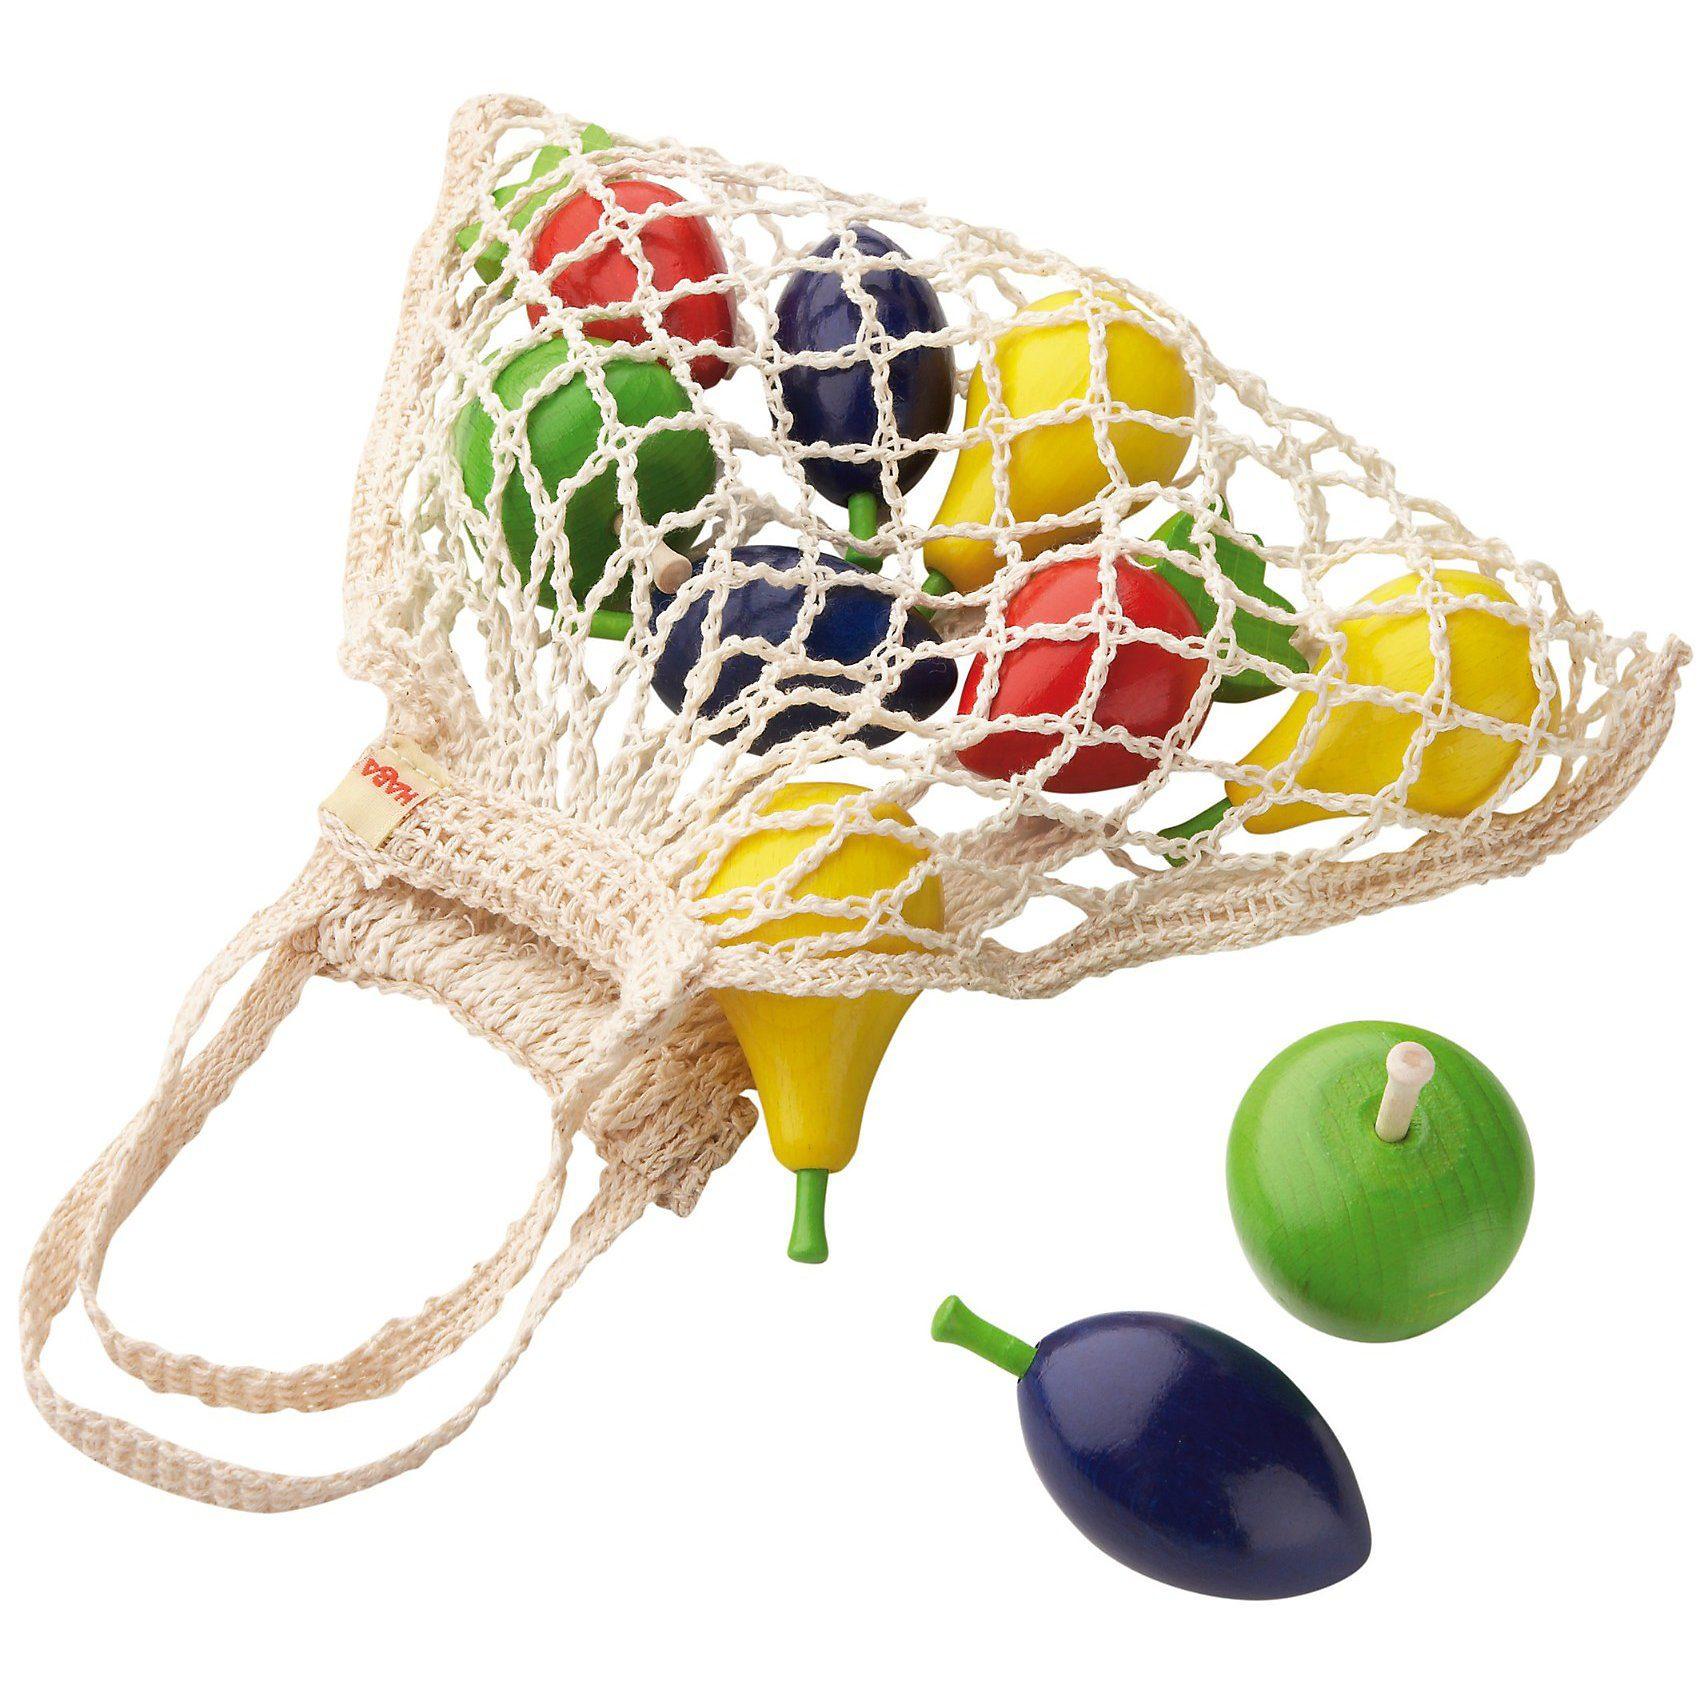 Haba 3842 Einkaufsnetz Obst mit Spiellebensmittel